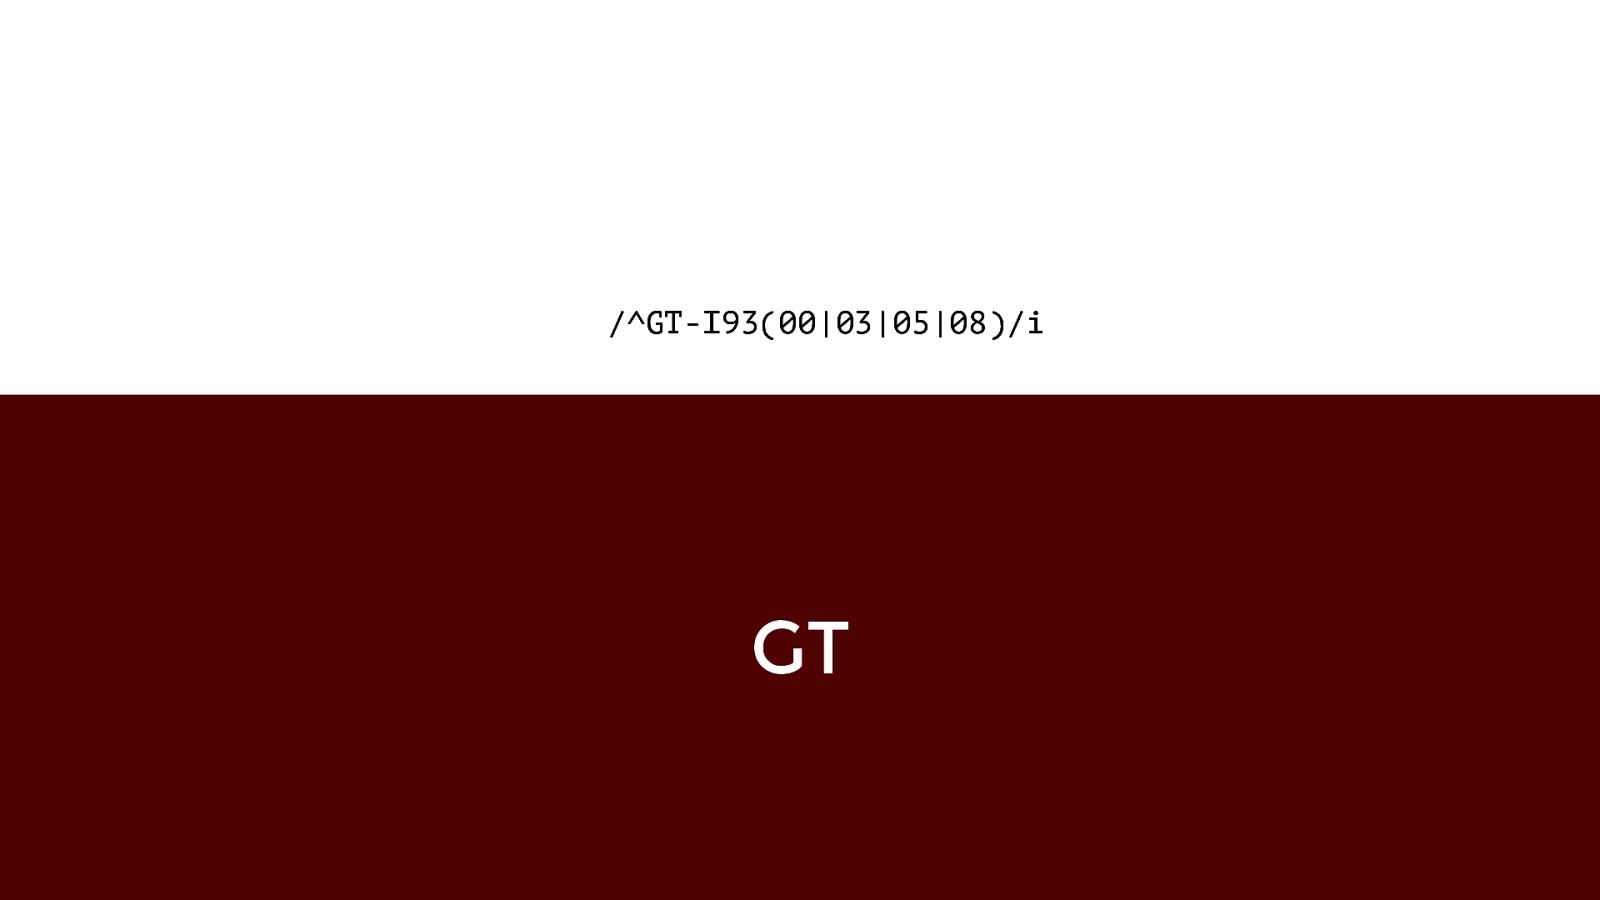 Slide 152